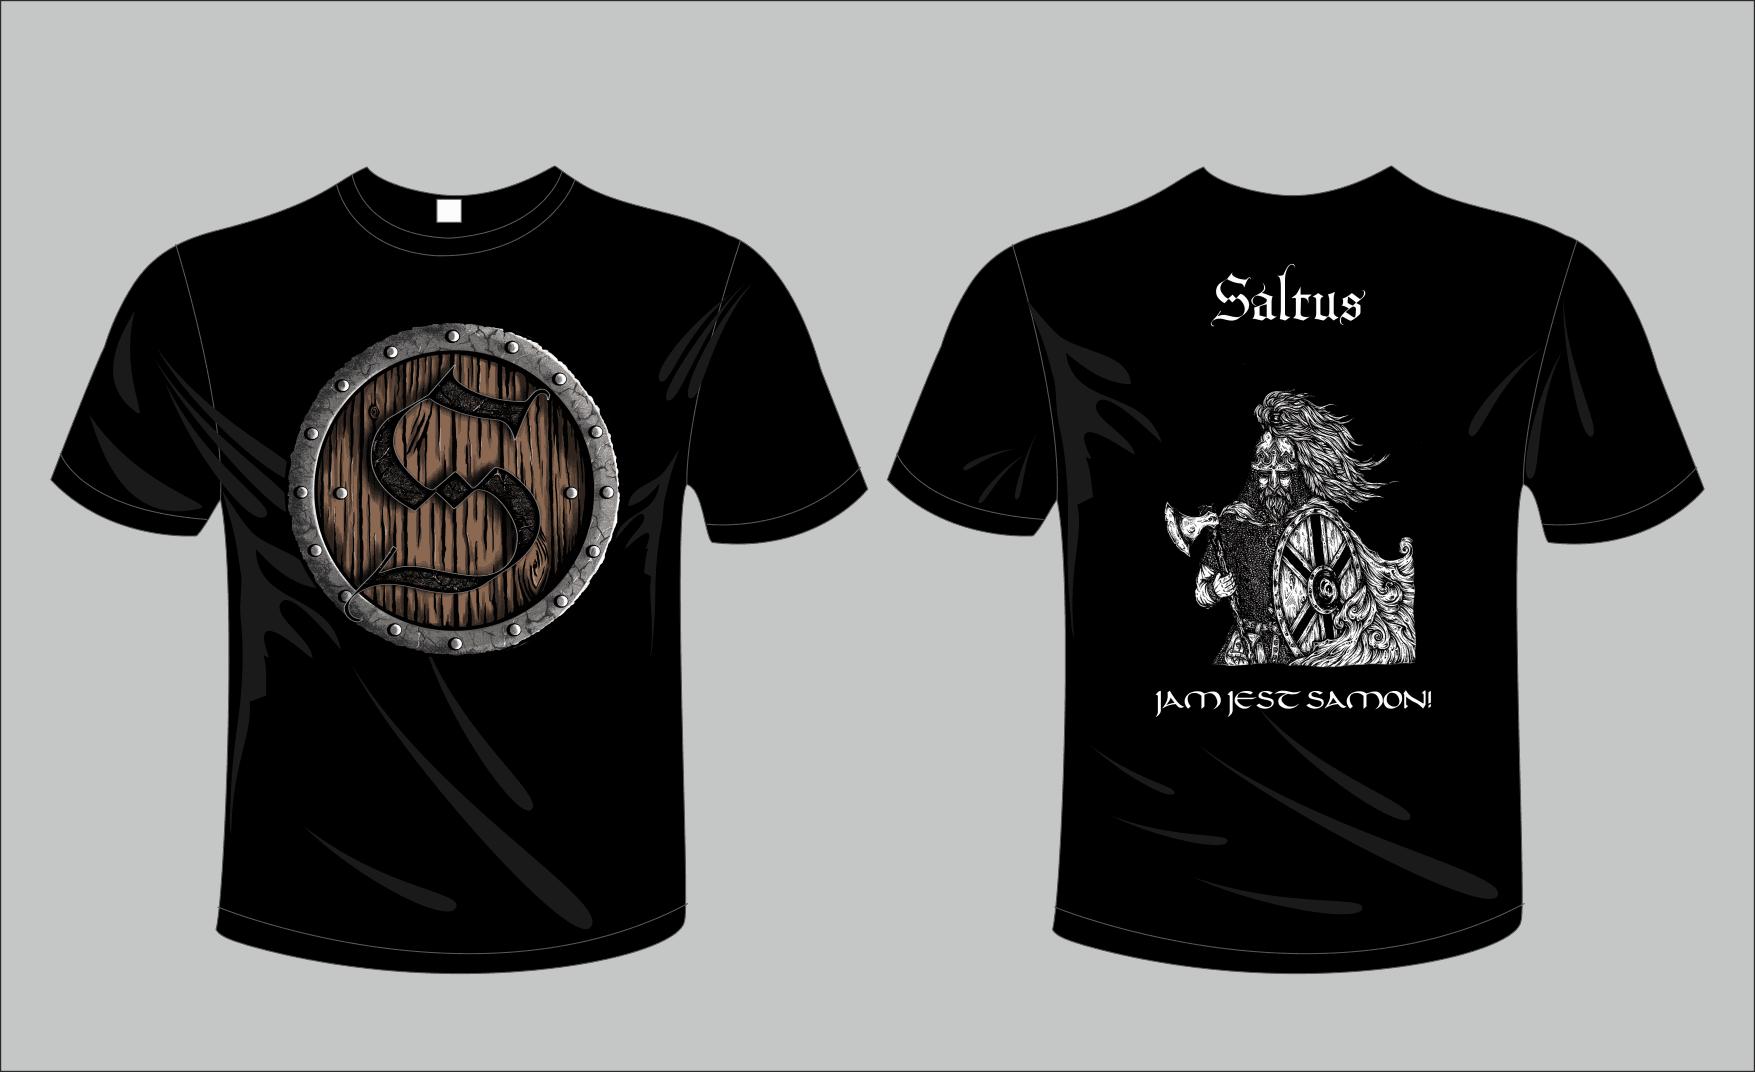 Koszulka Saltus czarna – Jam Jest Samon!